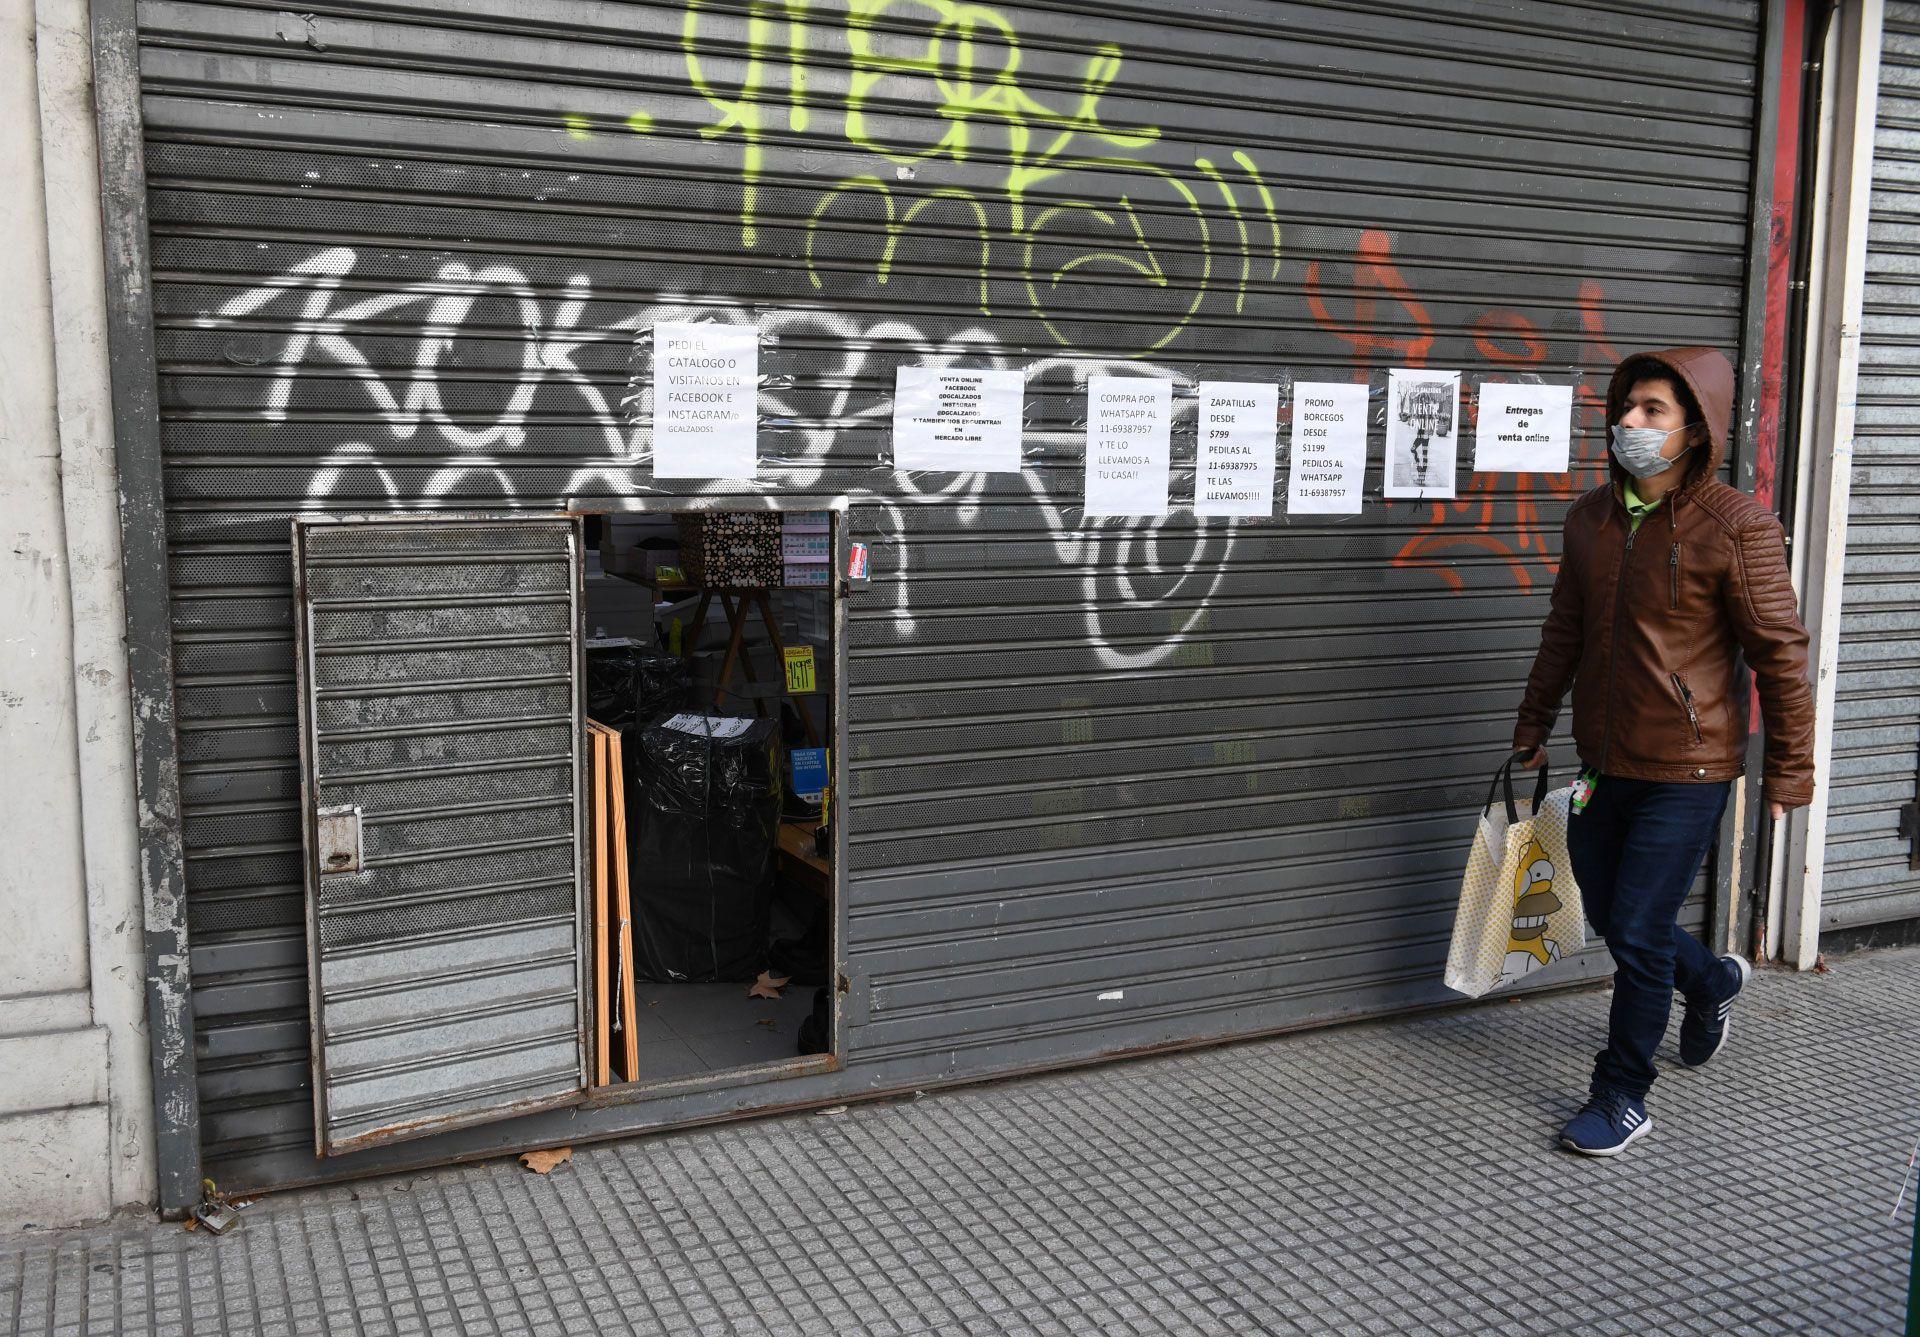 Cierran comercios zona Palermo 3-4 SF